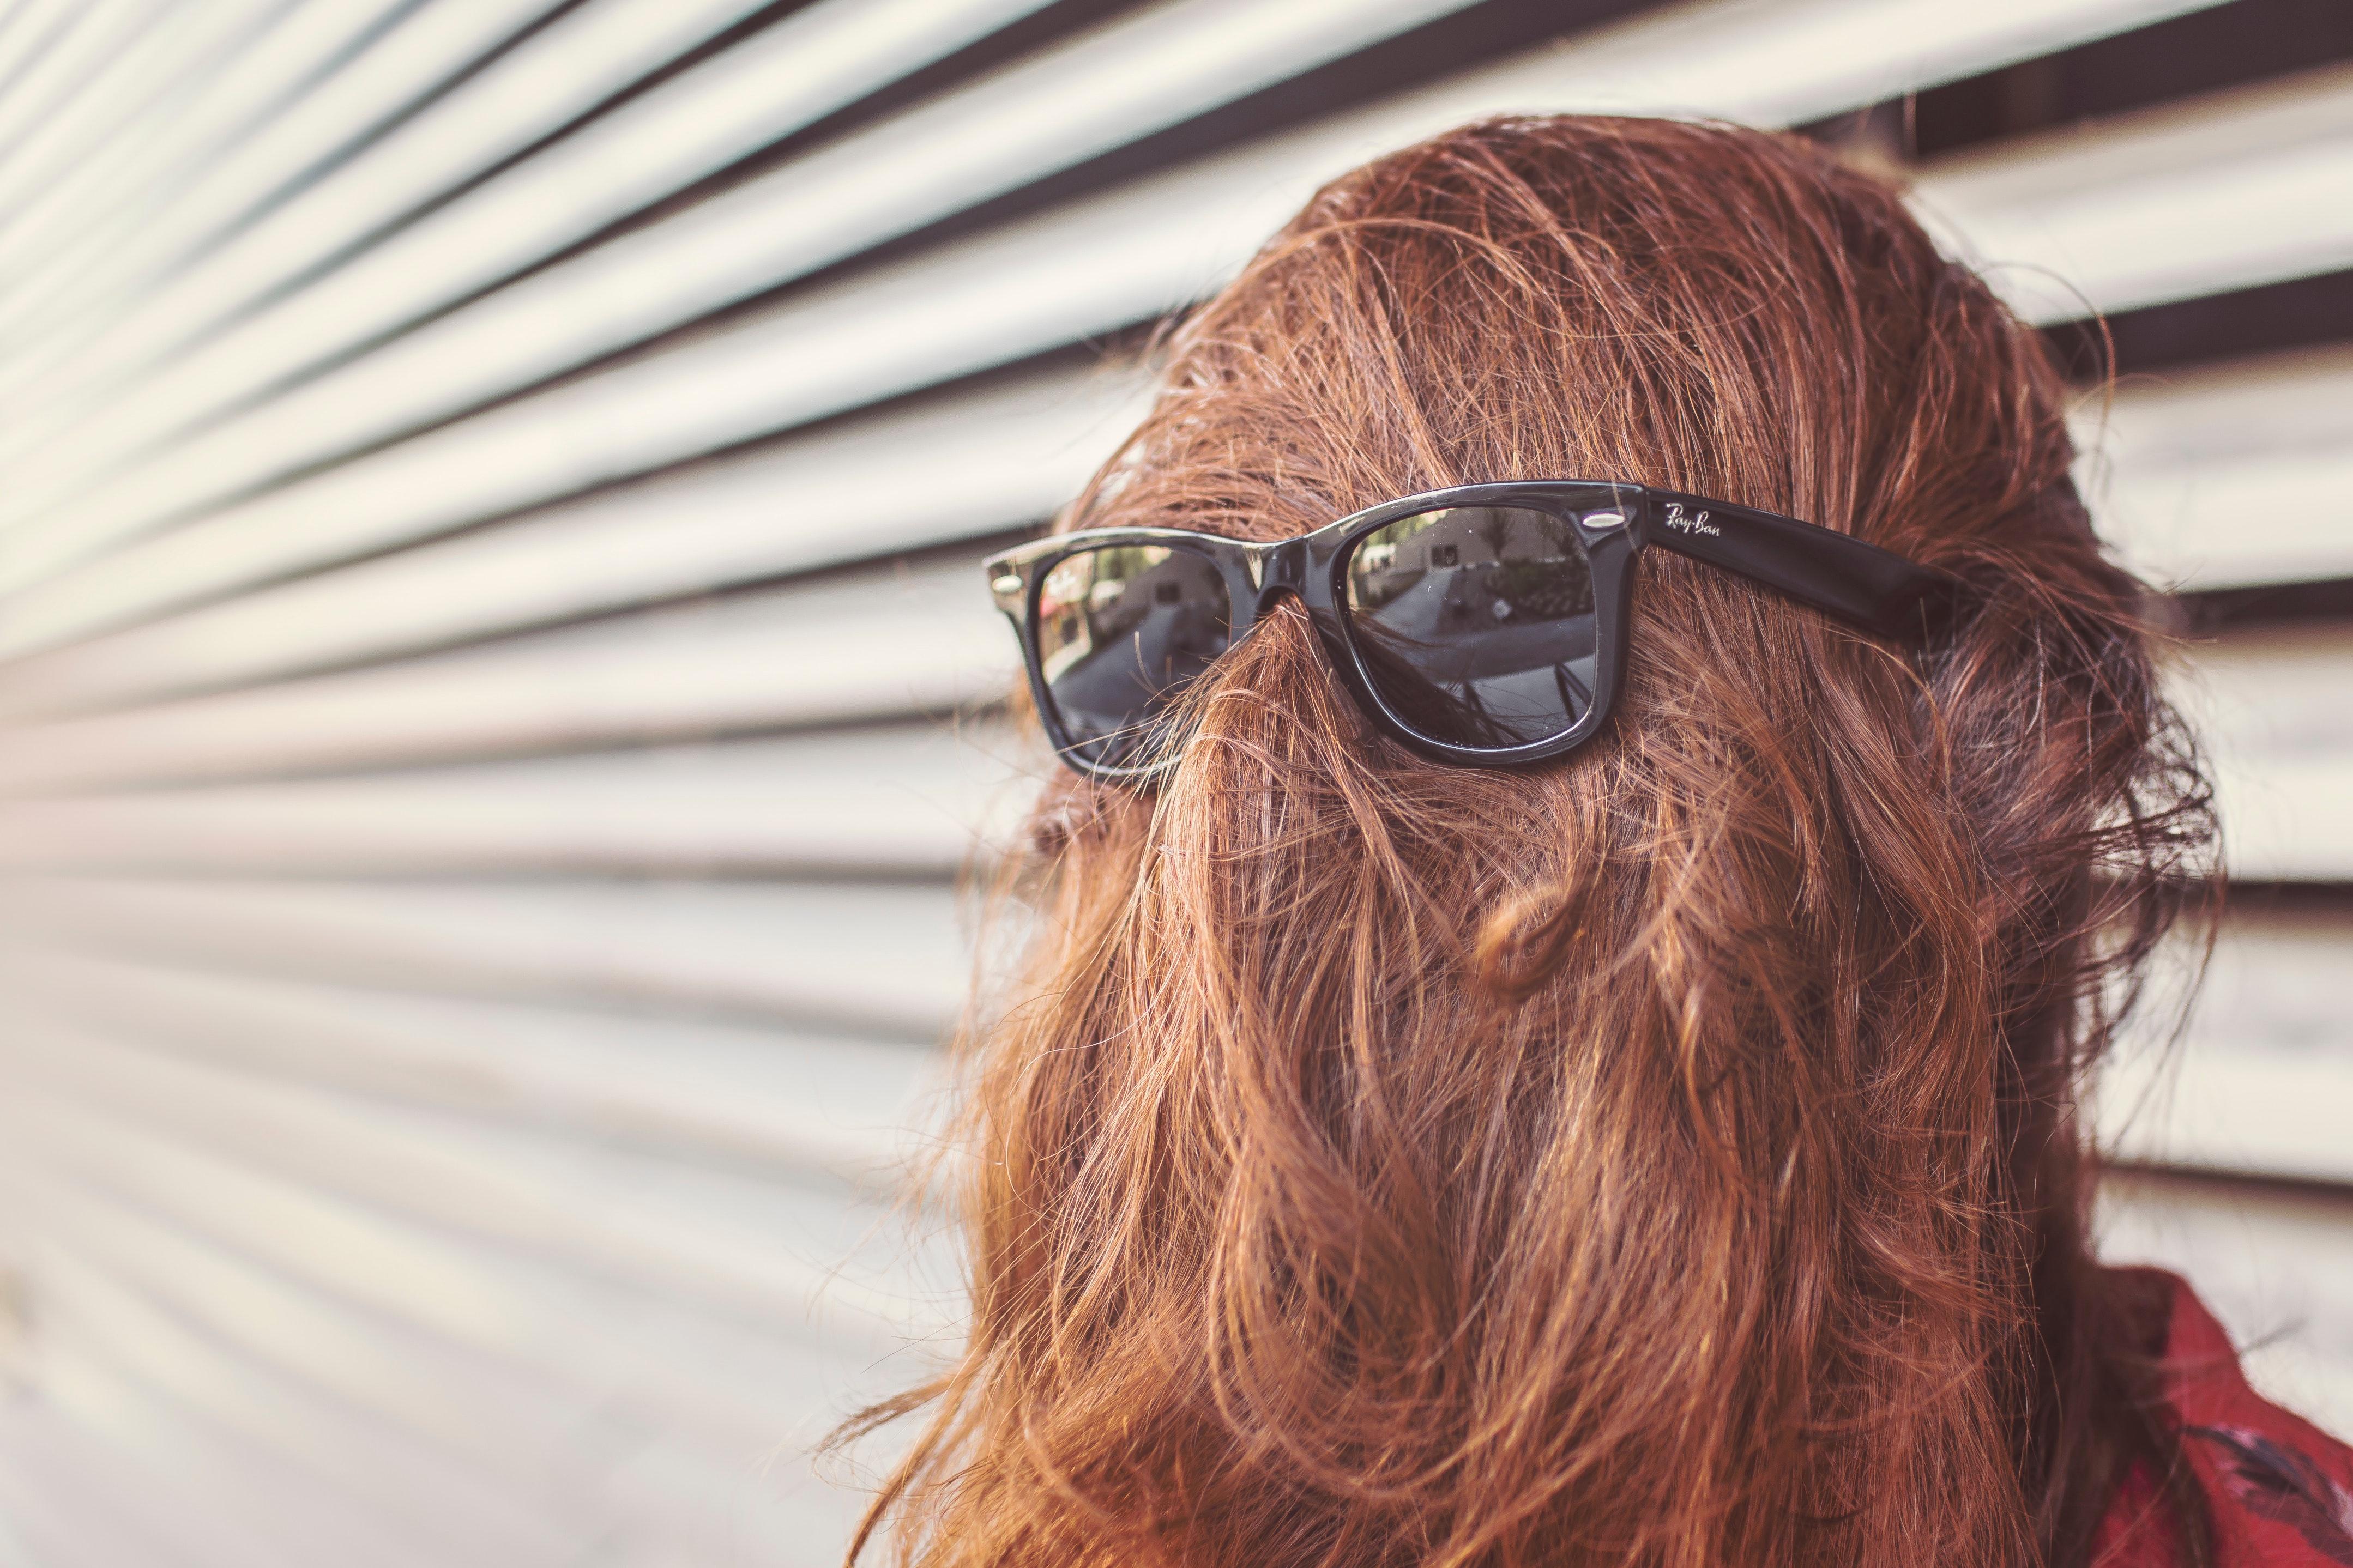 Yağlı Saçlar İçin 5 Kolay Maske